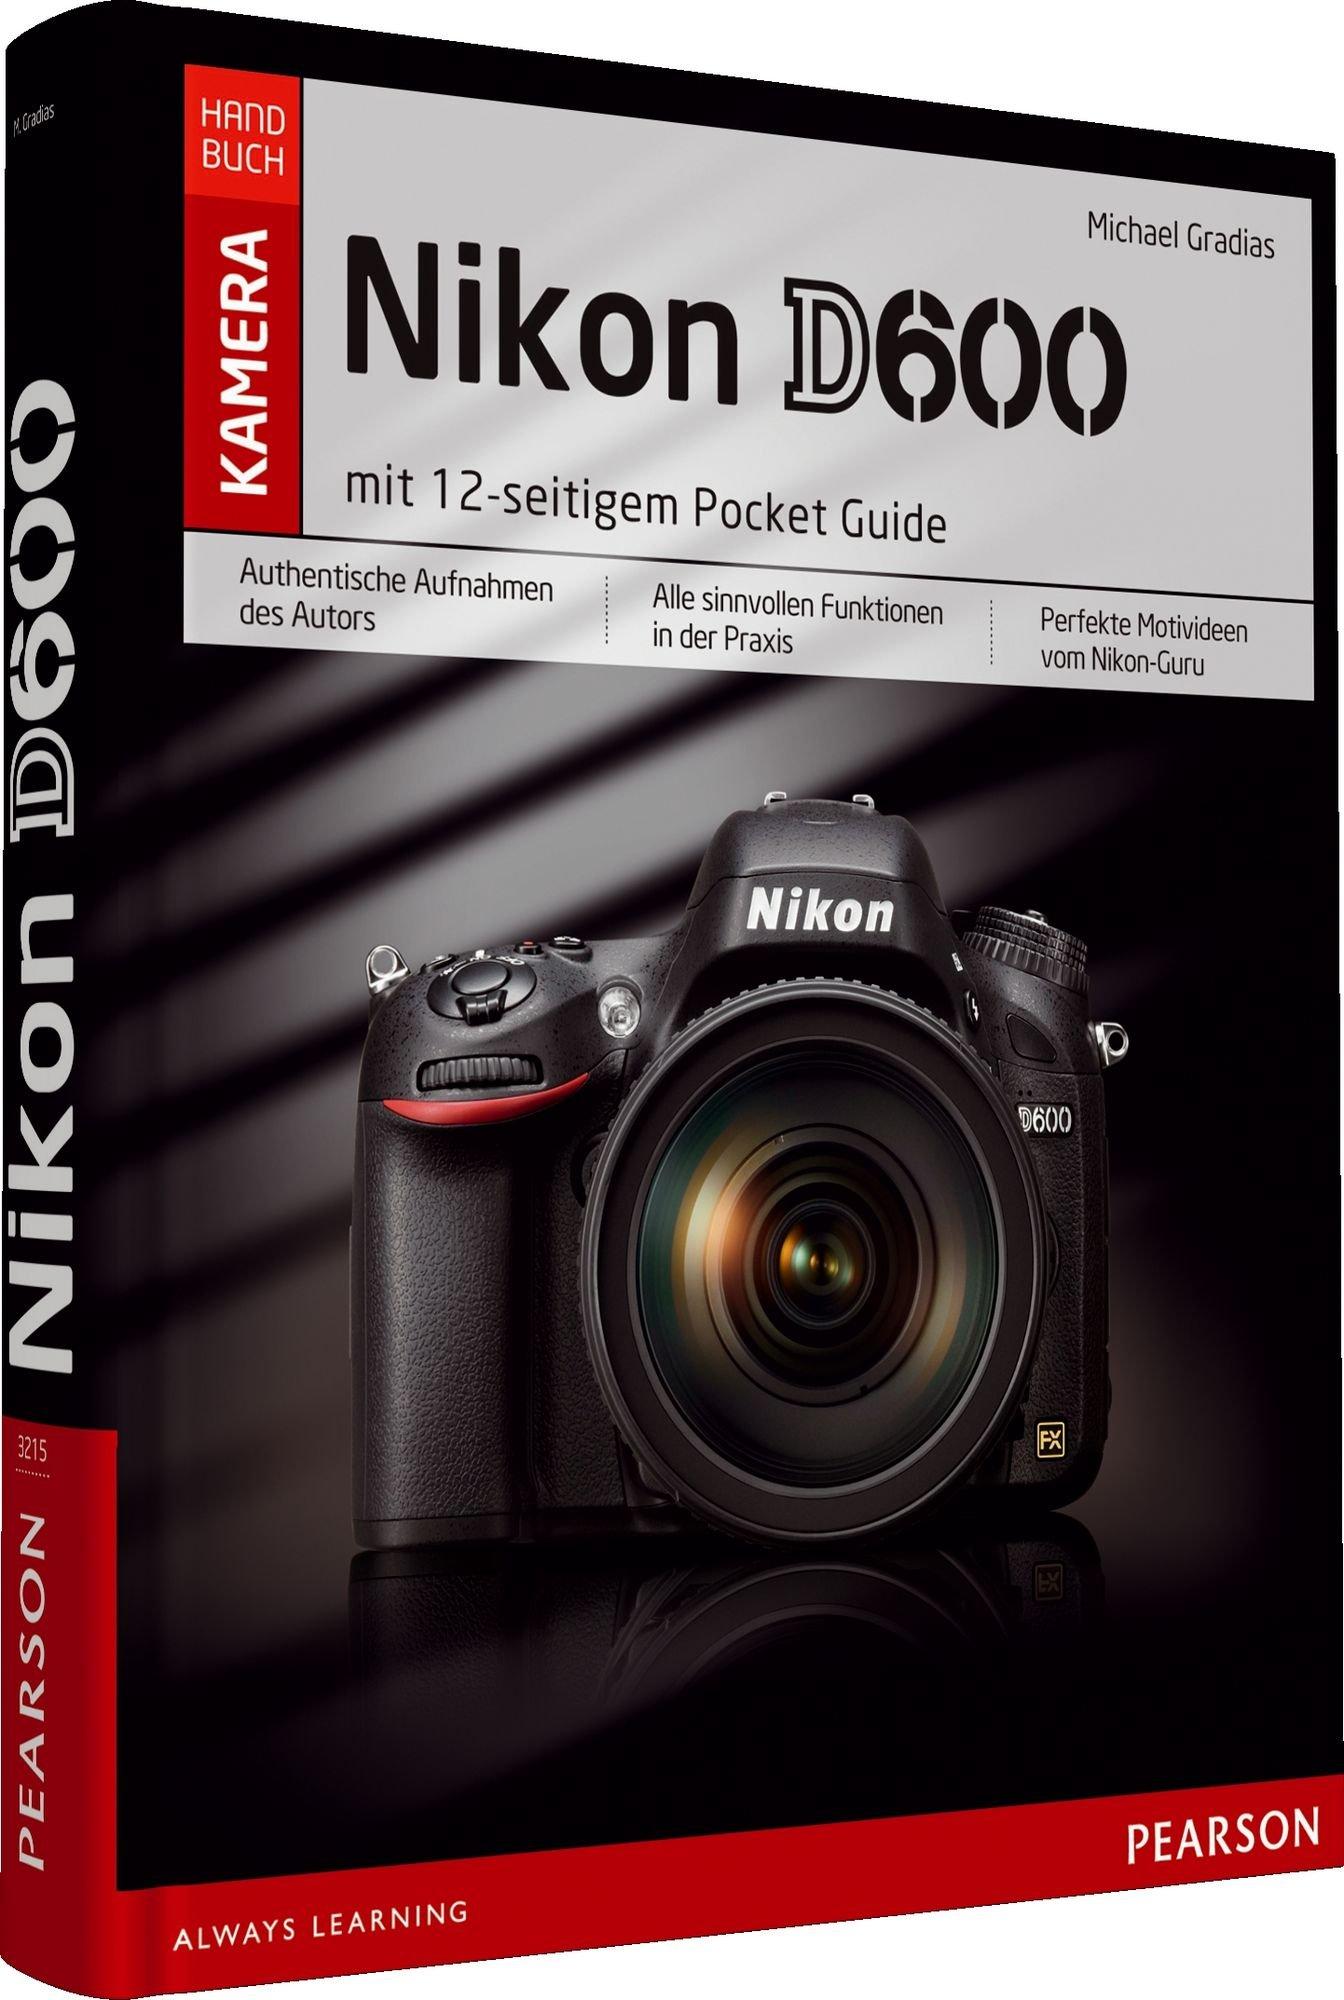 Nikon D600: mit 12-seitigem Pocket Guide für unterwegs (Pearson Photo)